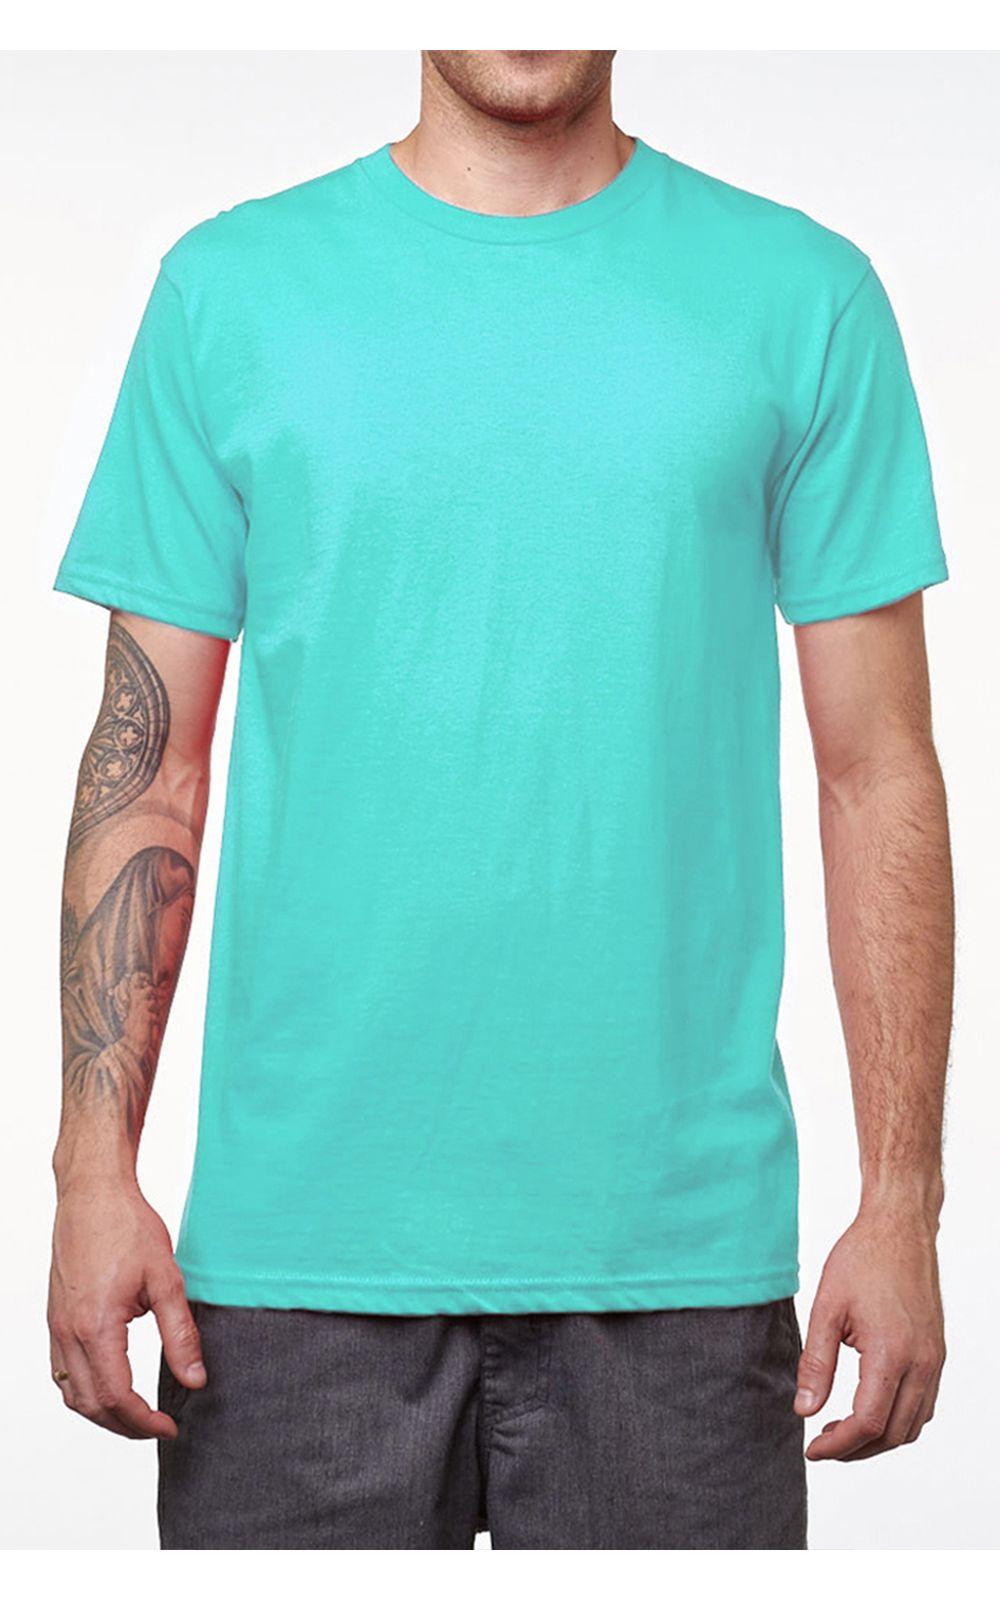 Camiseta-Tubo-Celadon-frente_c